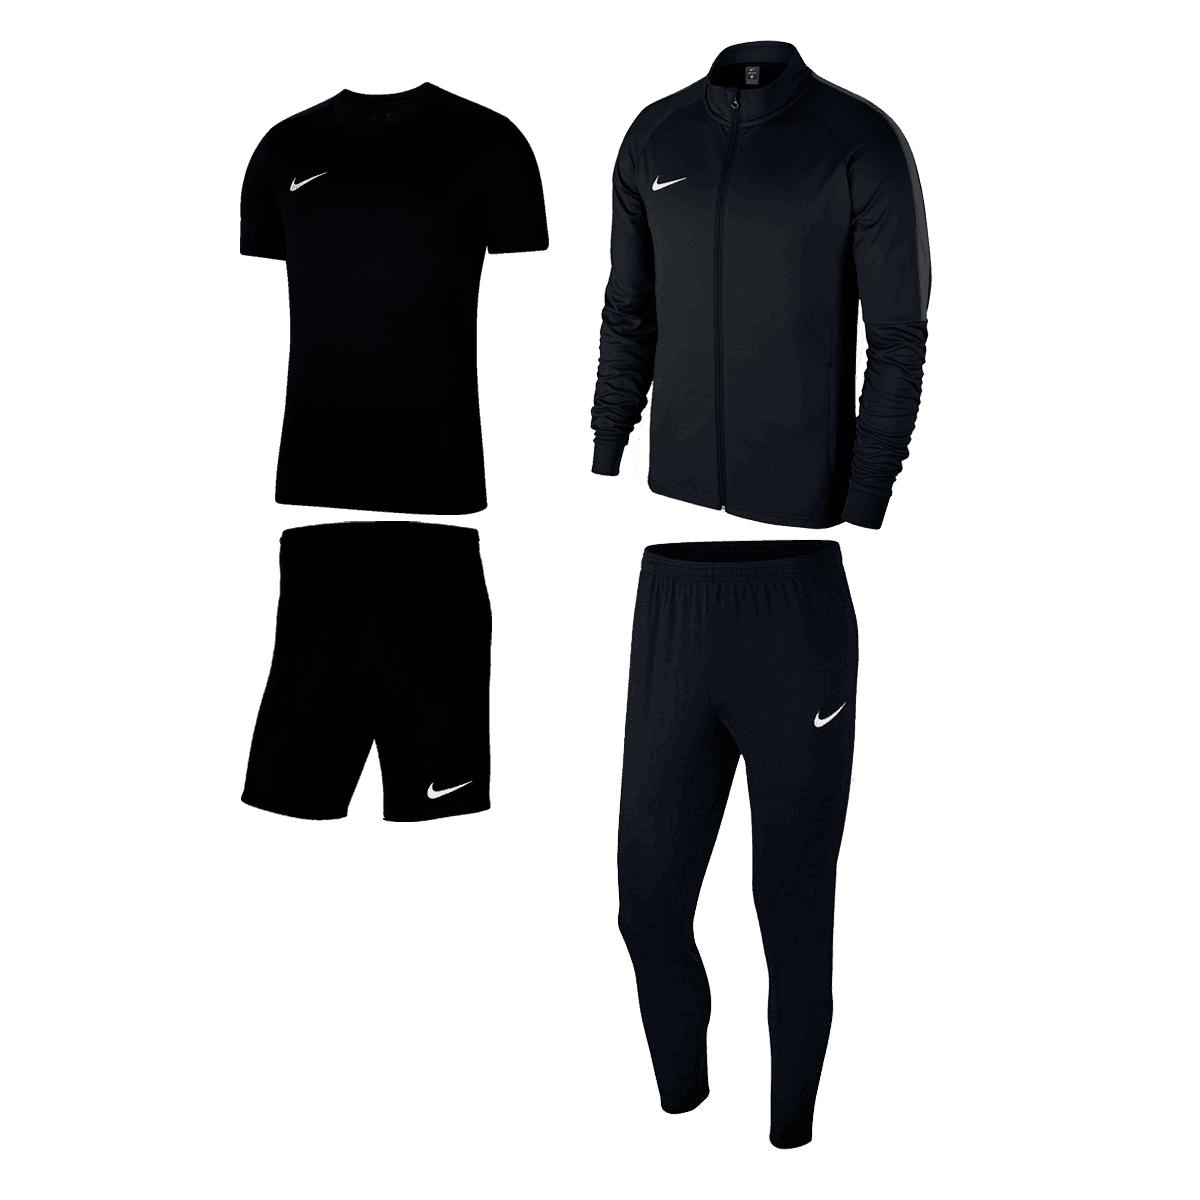 Nike Sportset (4-teilig) in verschiedenen Farben